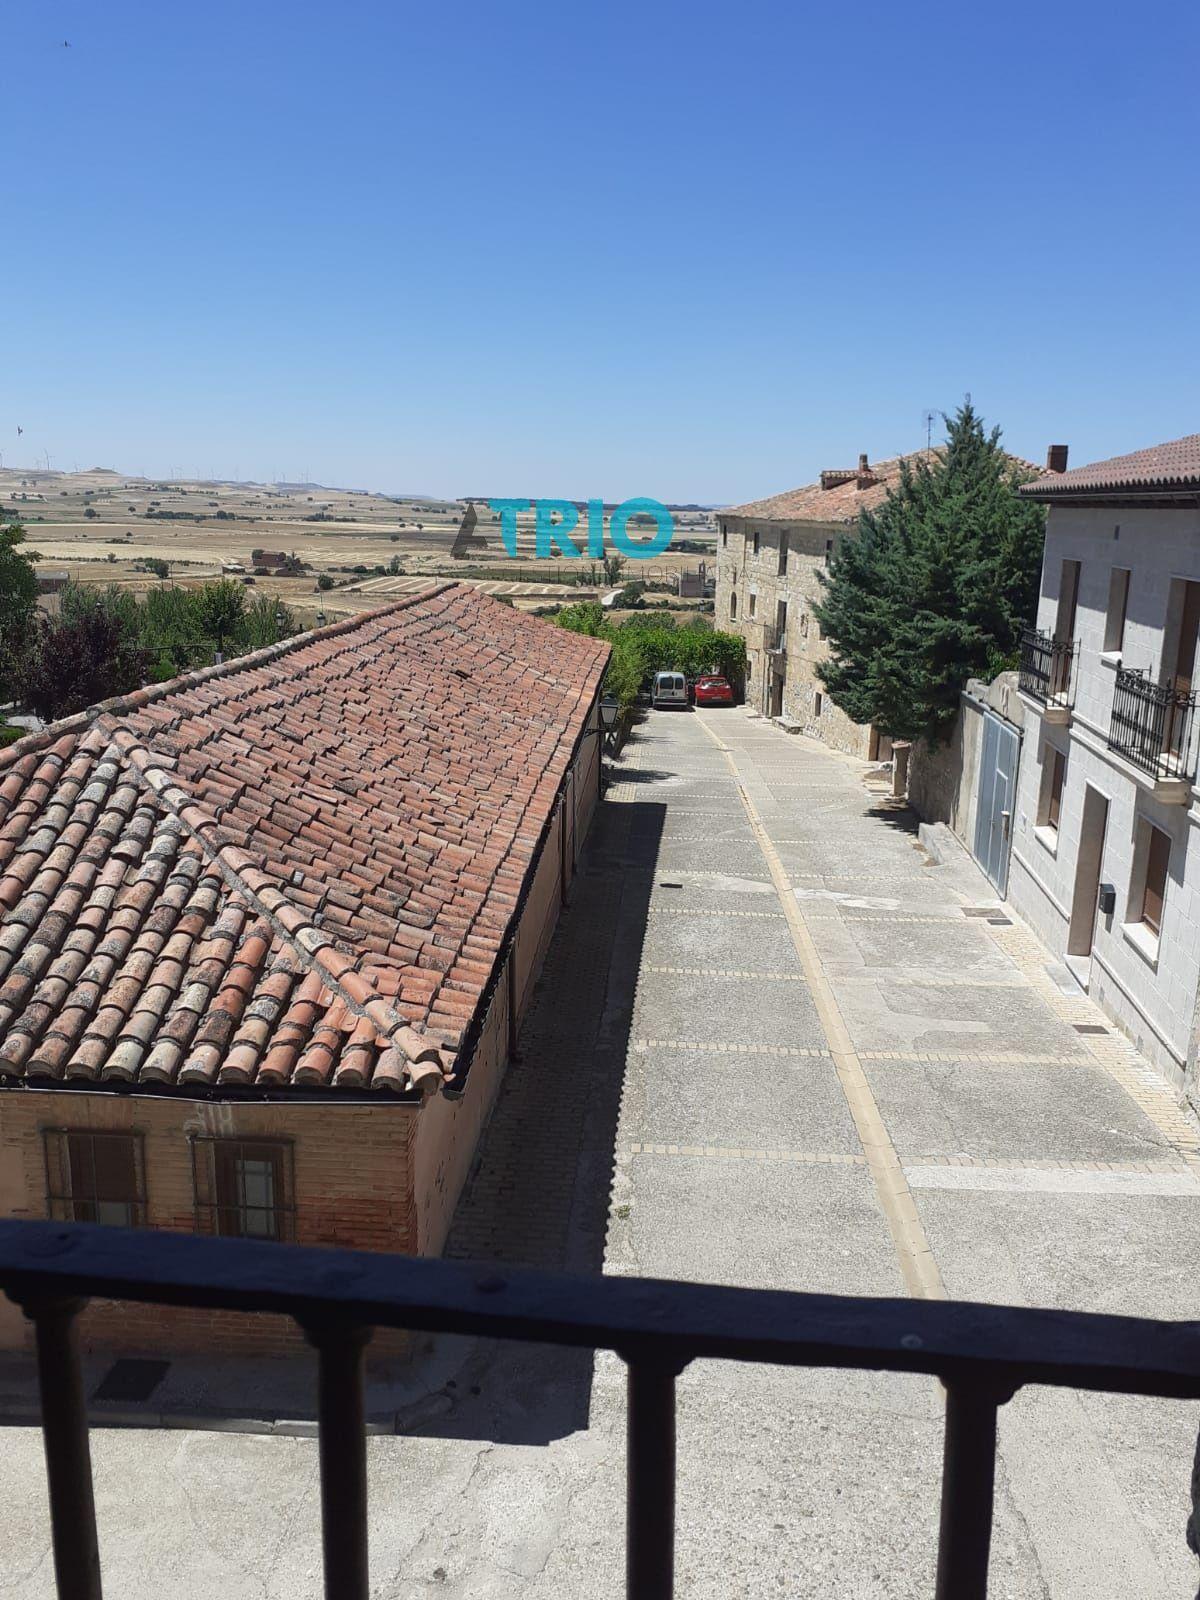 dia.mobiliagestion.es/Portals/inmoatrio/Images/6889/5010922